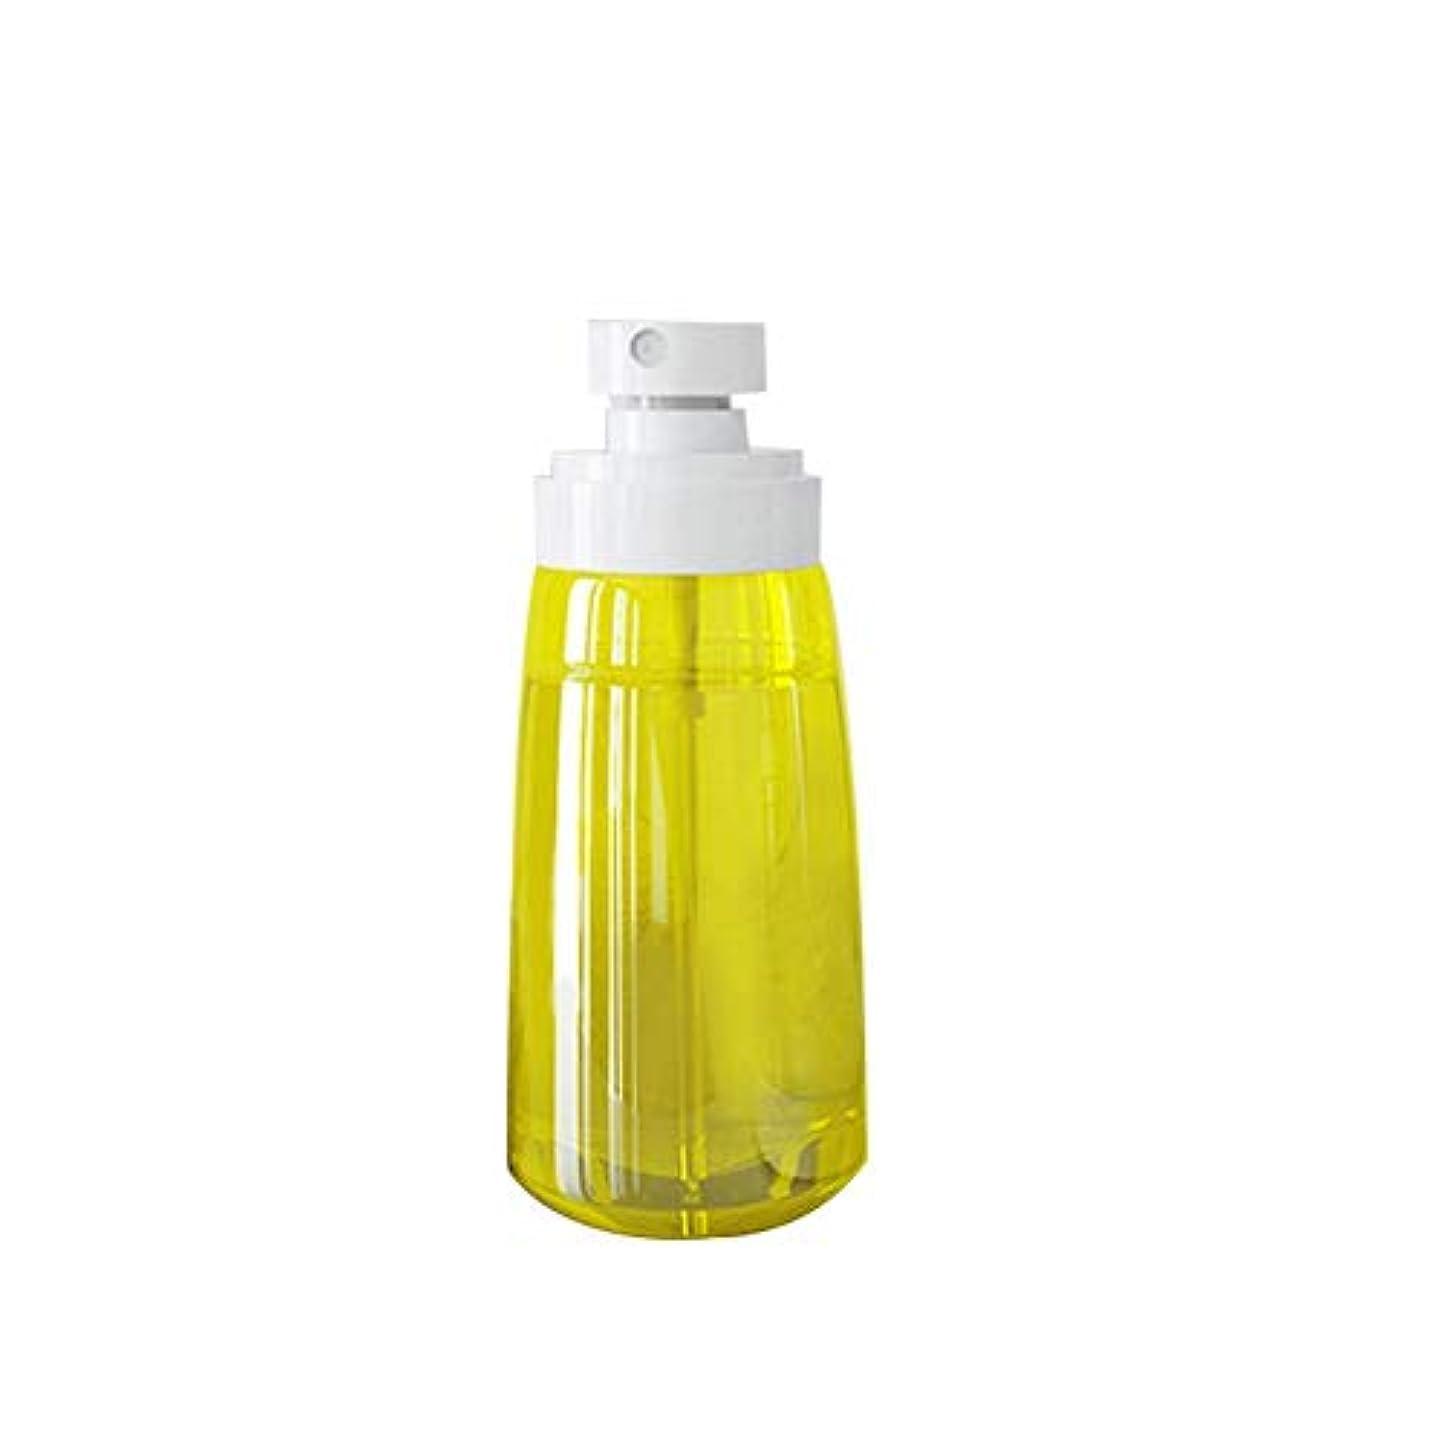 卵競う盆LUERME スプレーボルト 60ml PET製 化粧水の詰替用 極細のミストを噴霧する 旅行用の霧吹き 小分けの容器 アルコール消毒用 アトマイザー